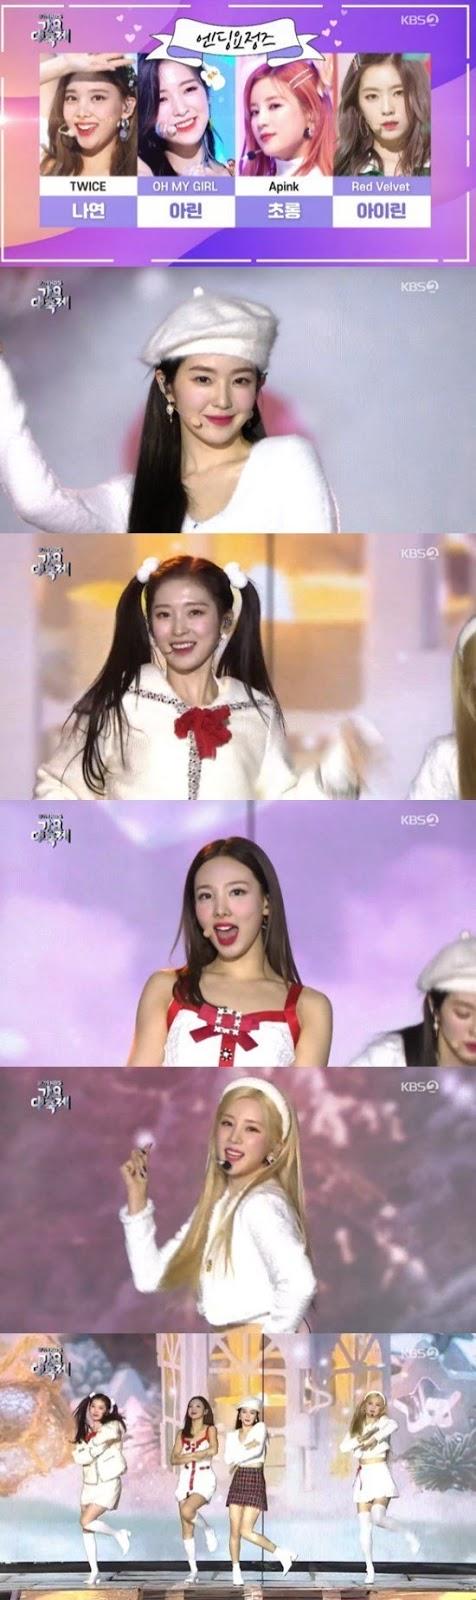 Chorong, Irene, Nayeon ve Ahrin 2019 KBS Gayo Festivalinde birlikte sahne aldı